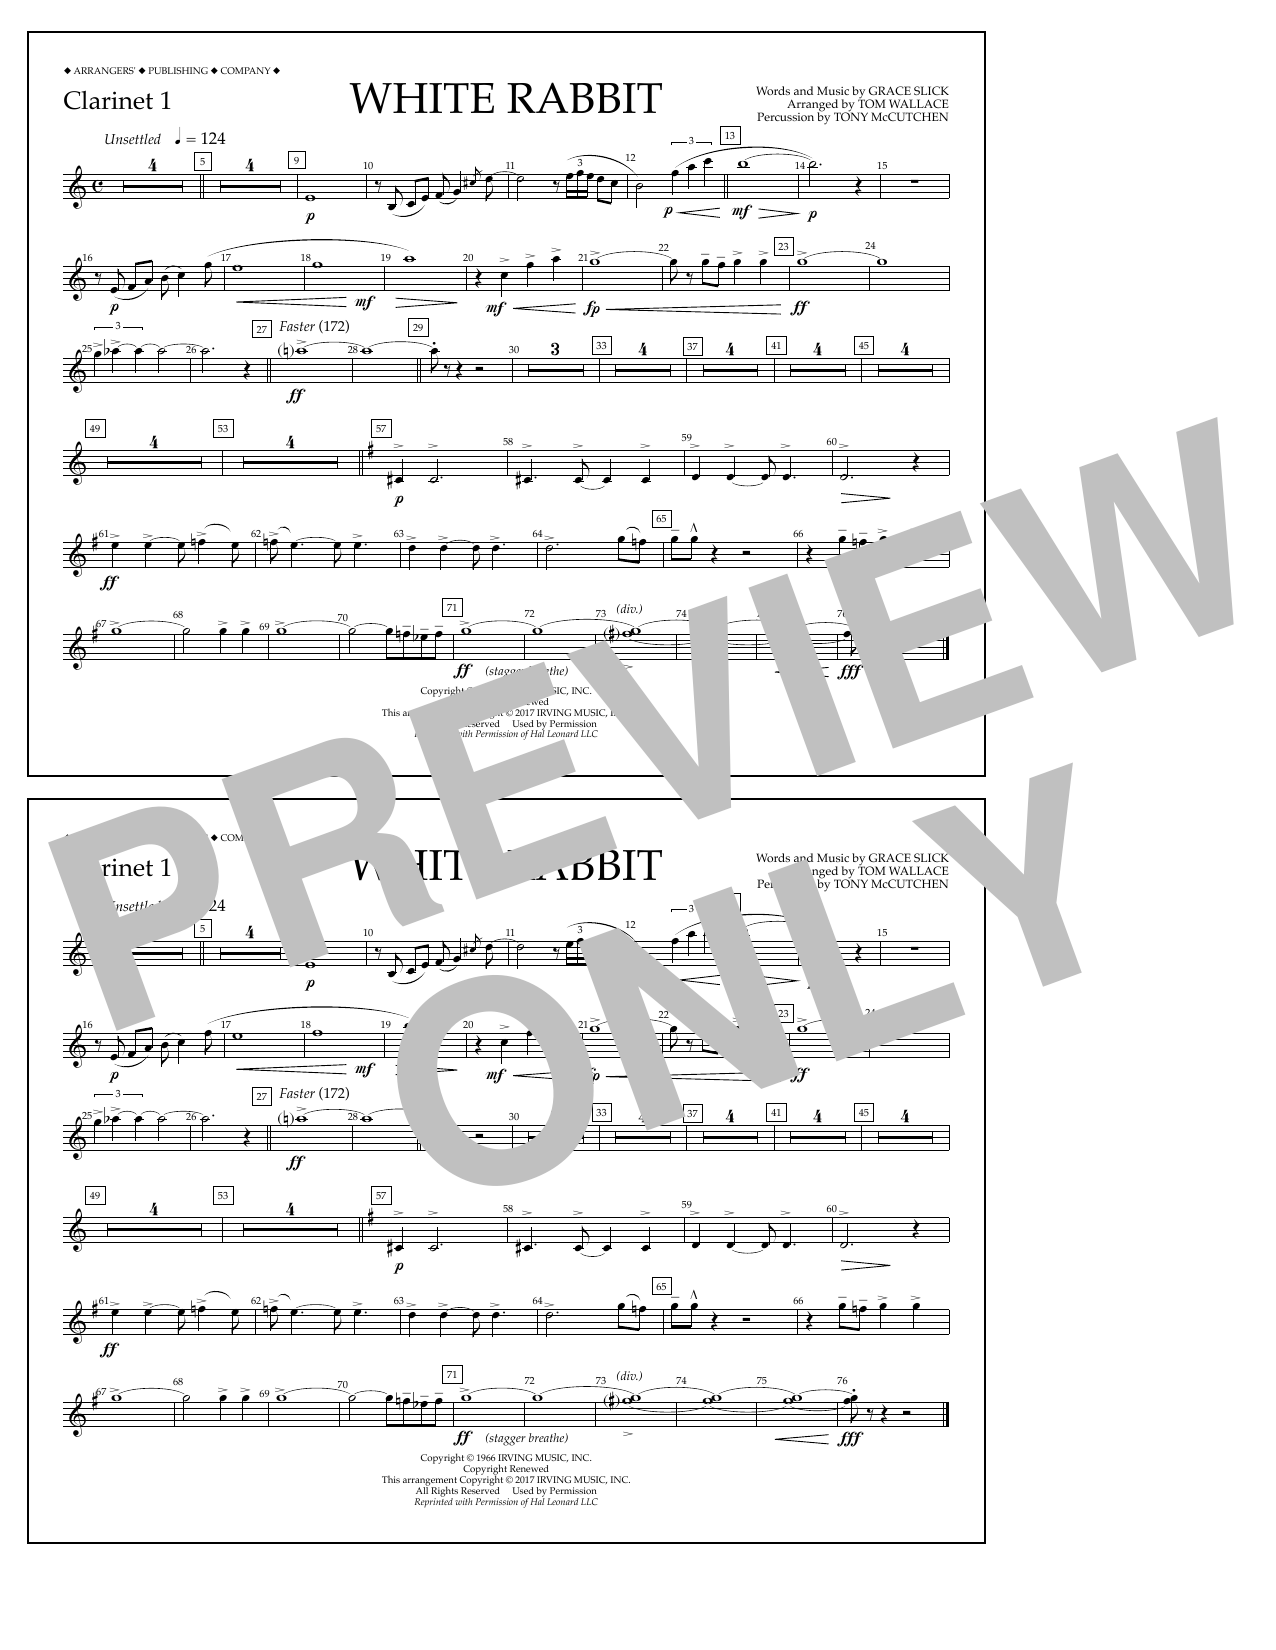 White Rabbit - Clarinet 1 Sheet Music